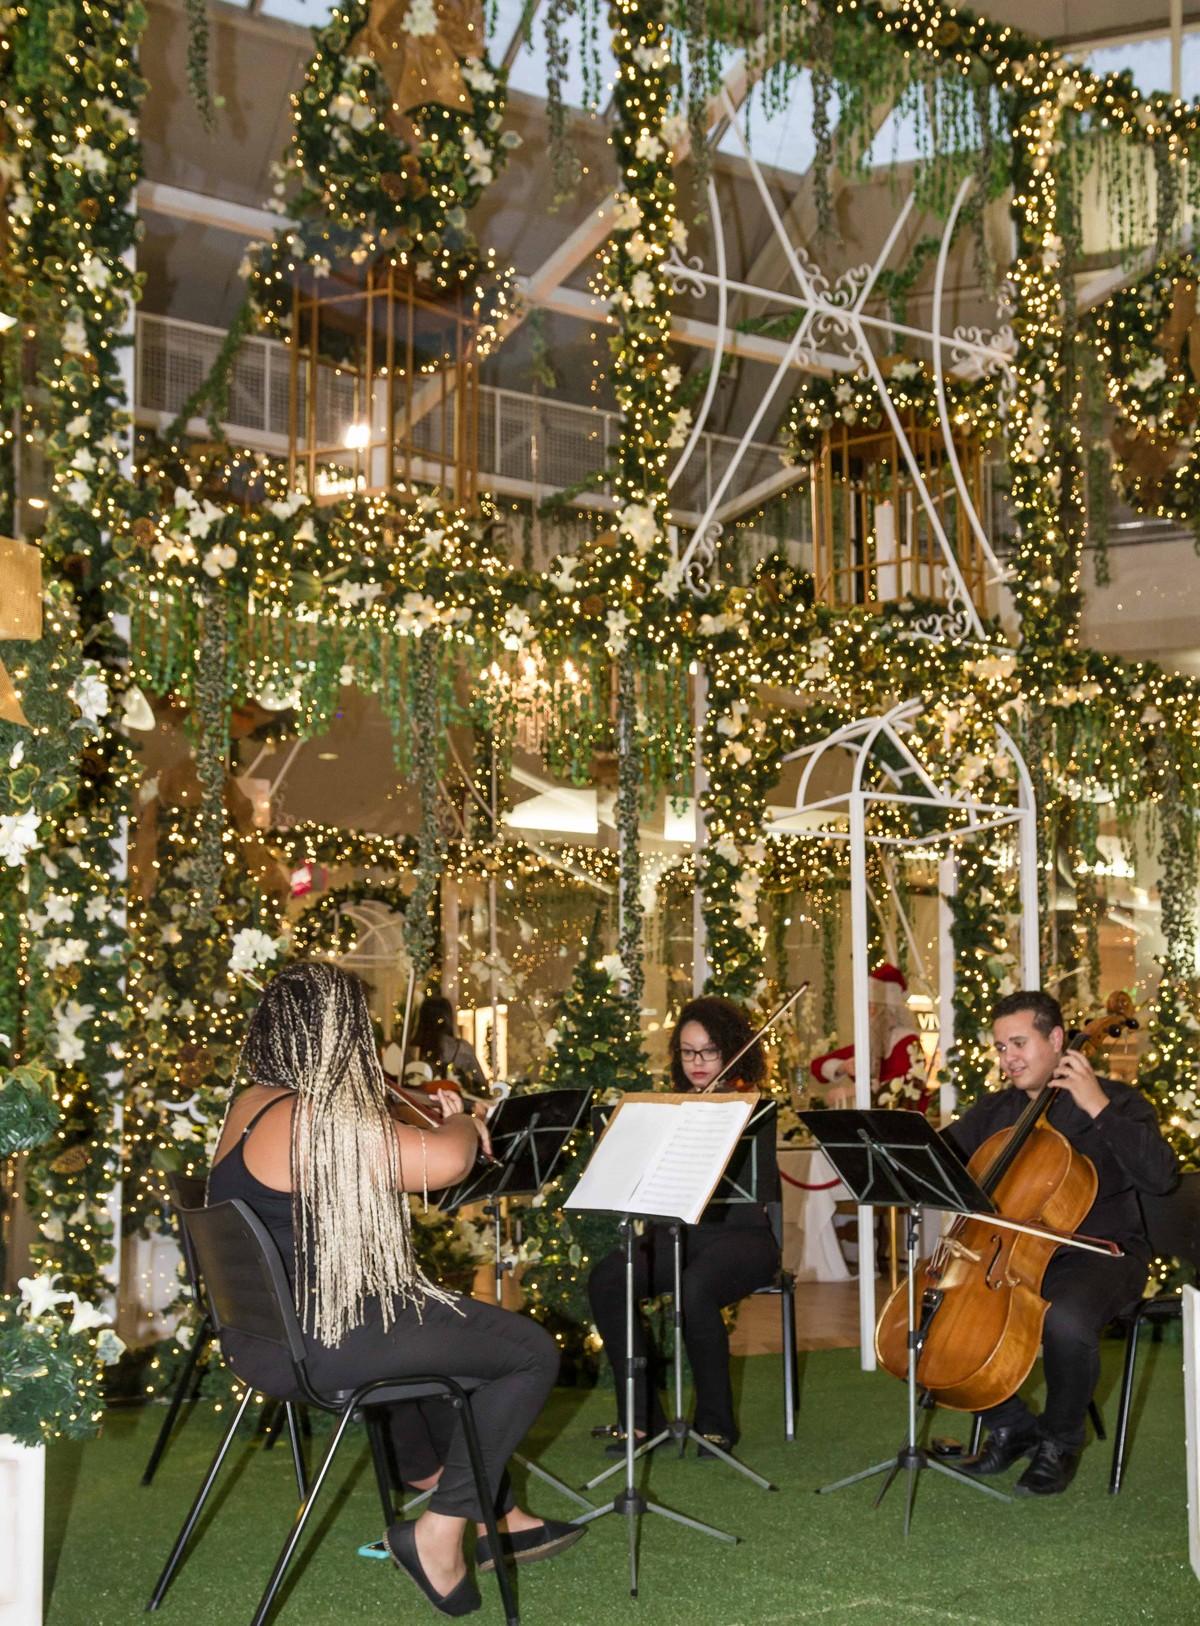 Concerto com orquestra, coral e tenor inaugura decoração de Natal do shopping de Mogi das Cruzes